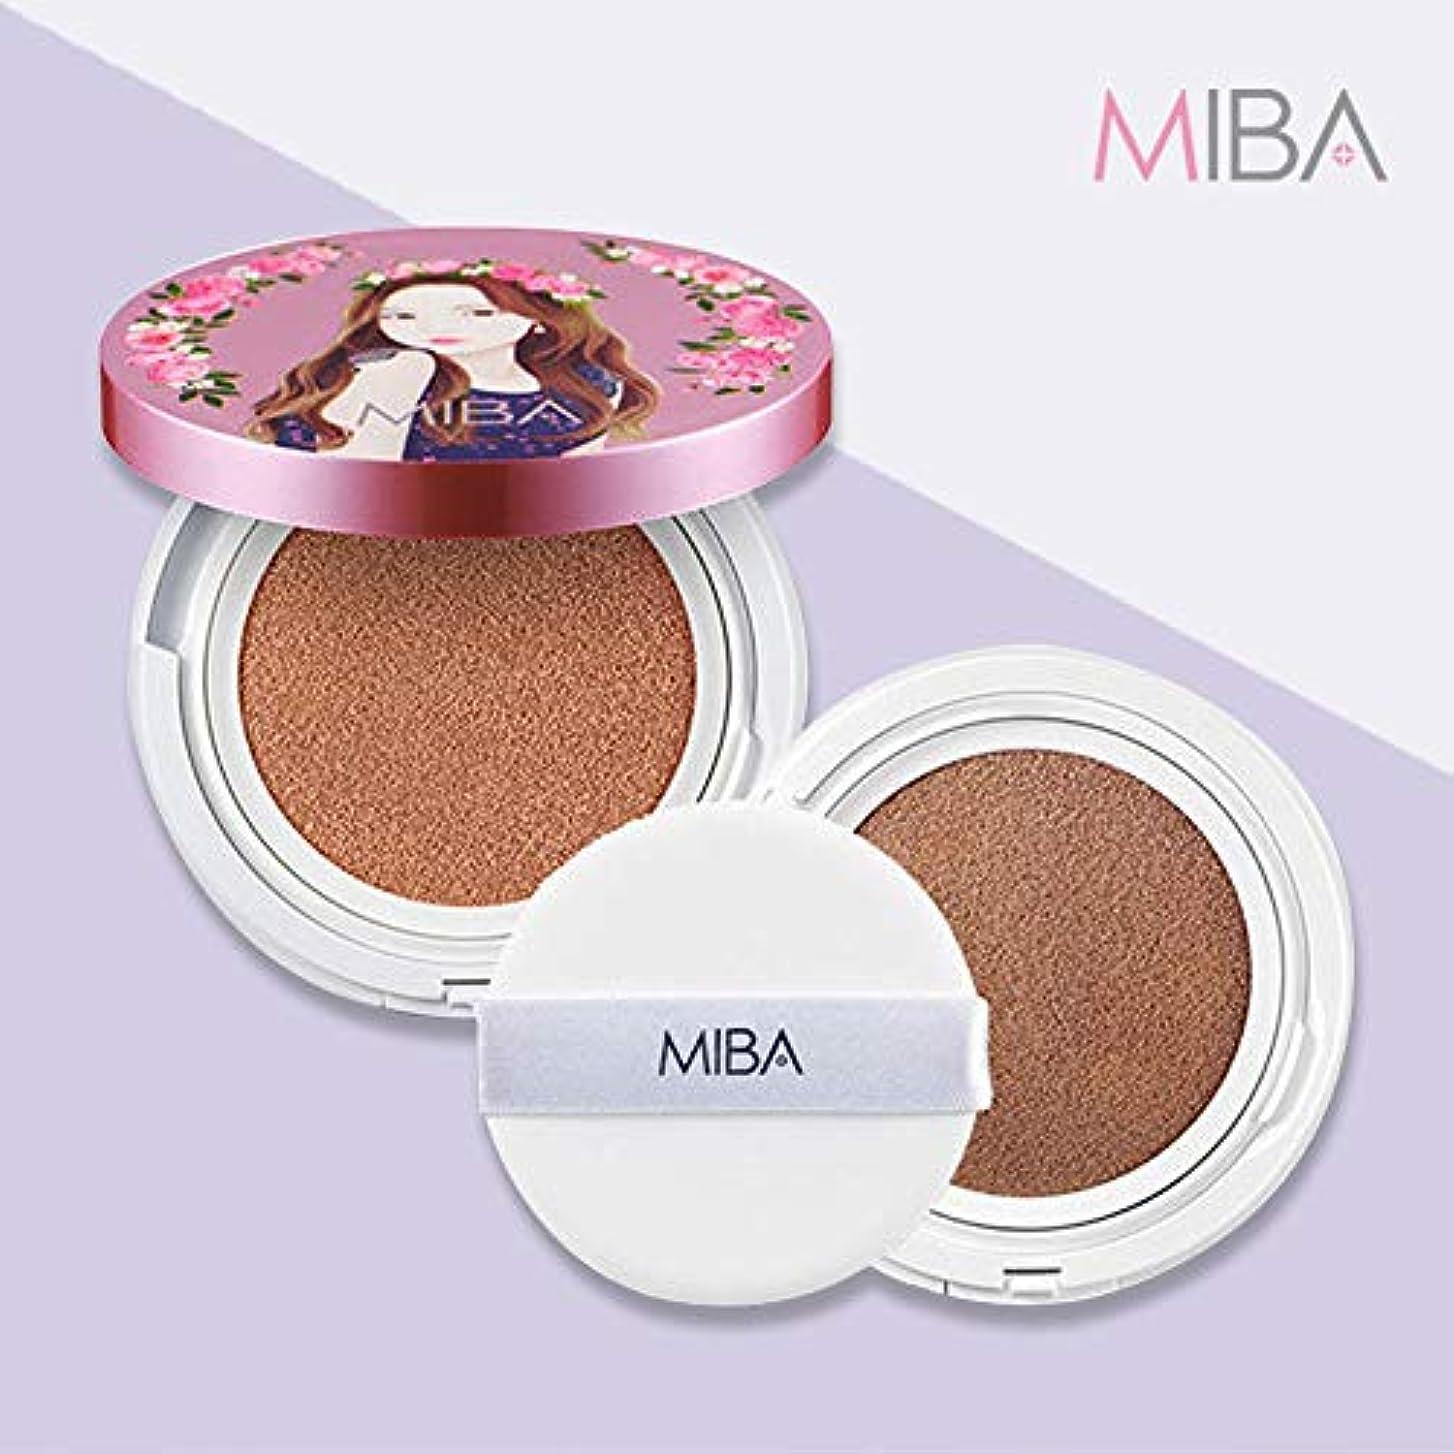 一杯実験的揃える【mineralbio】 MIBA ミバ イオンカルシウム ミネラルファンデーション ダブルクッション 本品+リフィル+パフ2枚 SPF50+/PA++++ 普通肌用 (Ion Calcium Foundation Double Cushion set 24g #23 Natural skin)